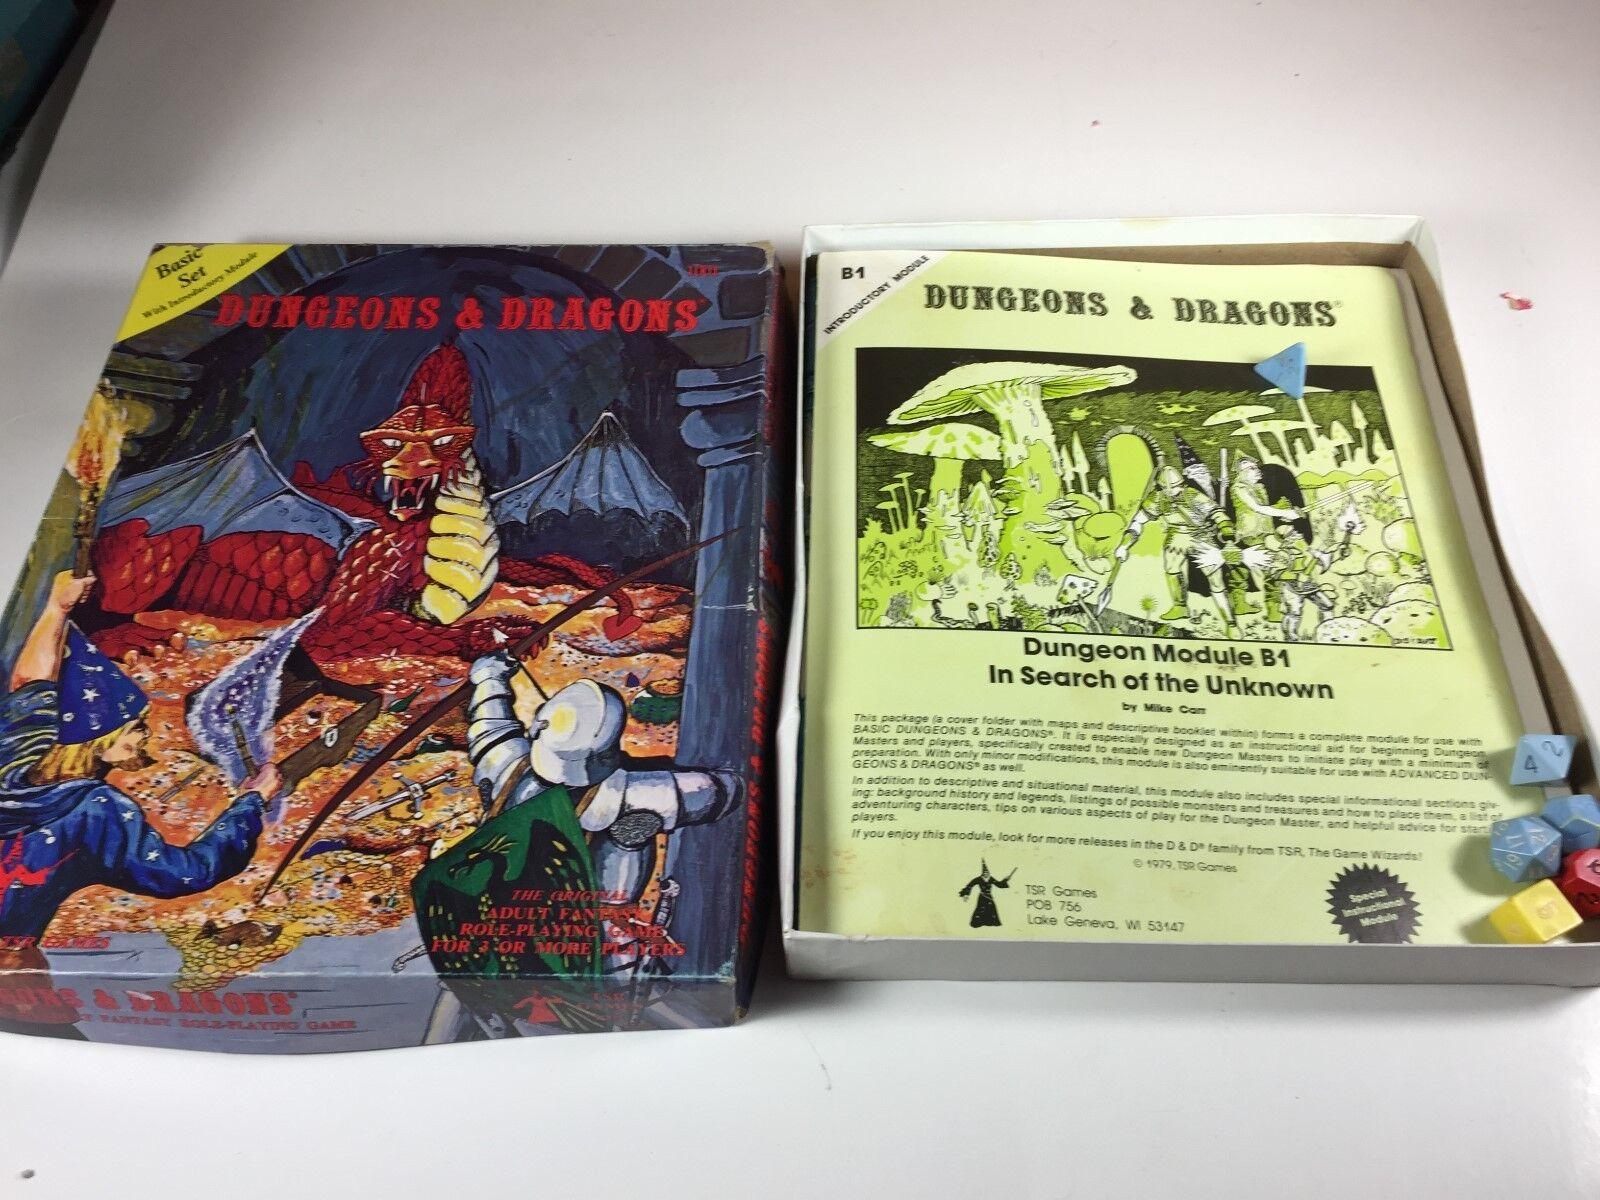 primera vez respuesta Calabozos Calabozos Calabozos Y Dragones conjunto básico 1001 TSR 1978 Segunda Edición  Las ventas en línea ahorran un 70%.